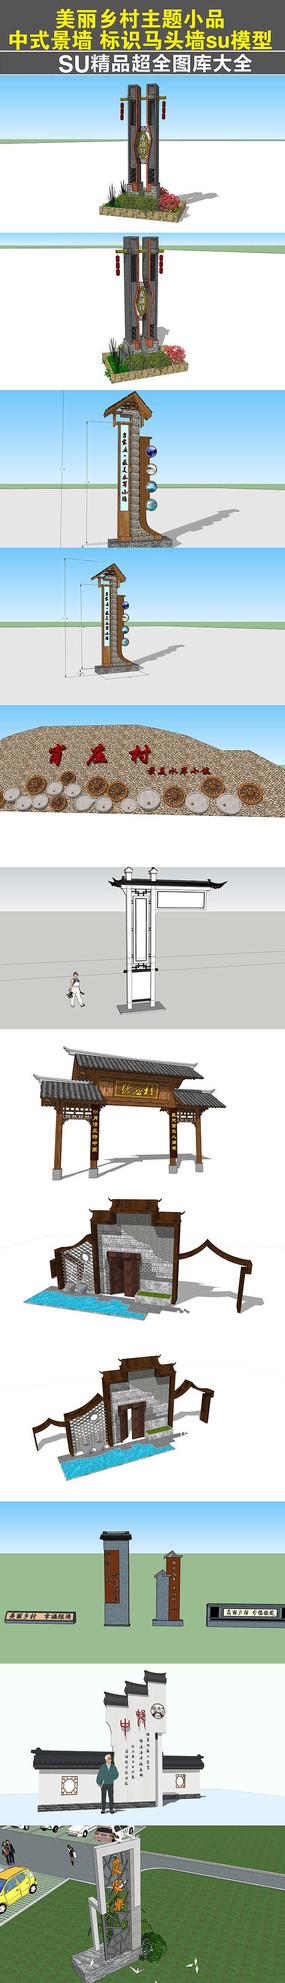 中式景墙标识马头墙su模型